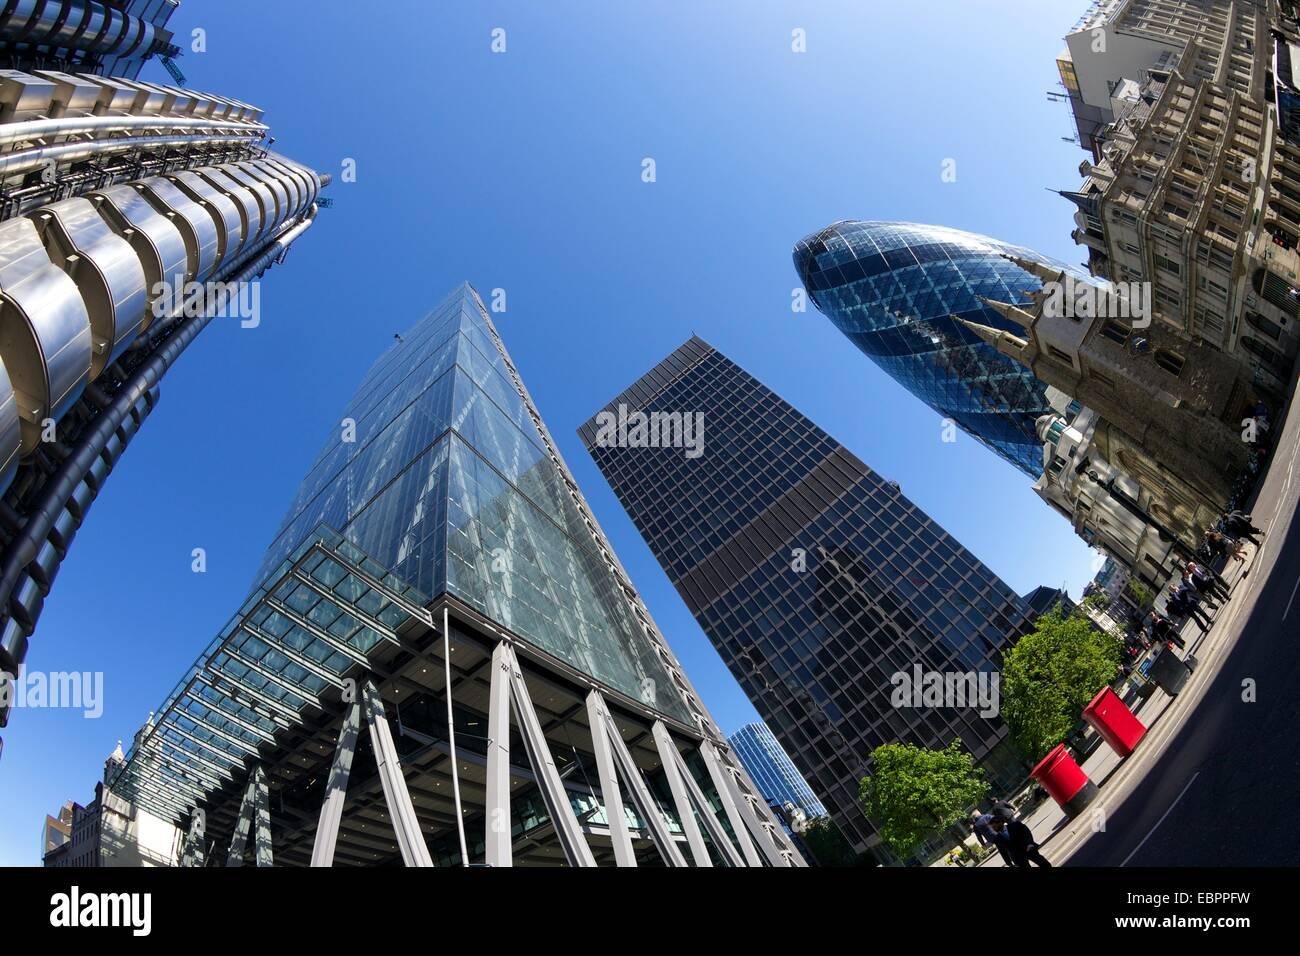 Ville de London financial district avec cornichon, bâtiment de la Lloyds, râpe à fromage et NatWest Photo Stock